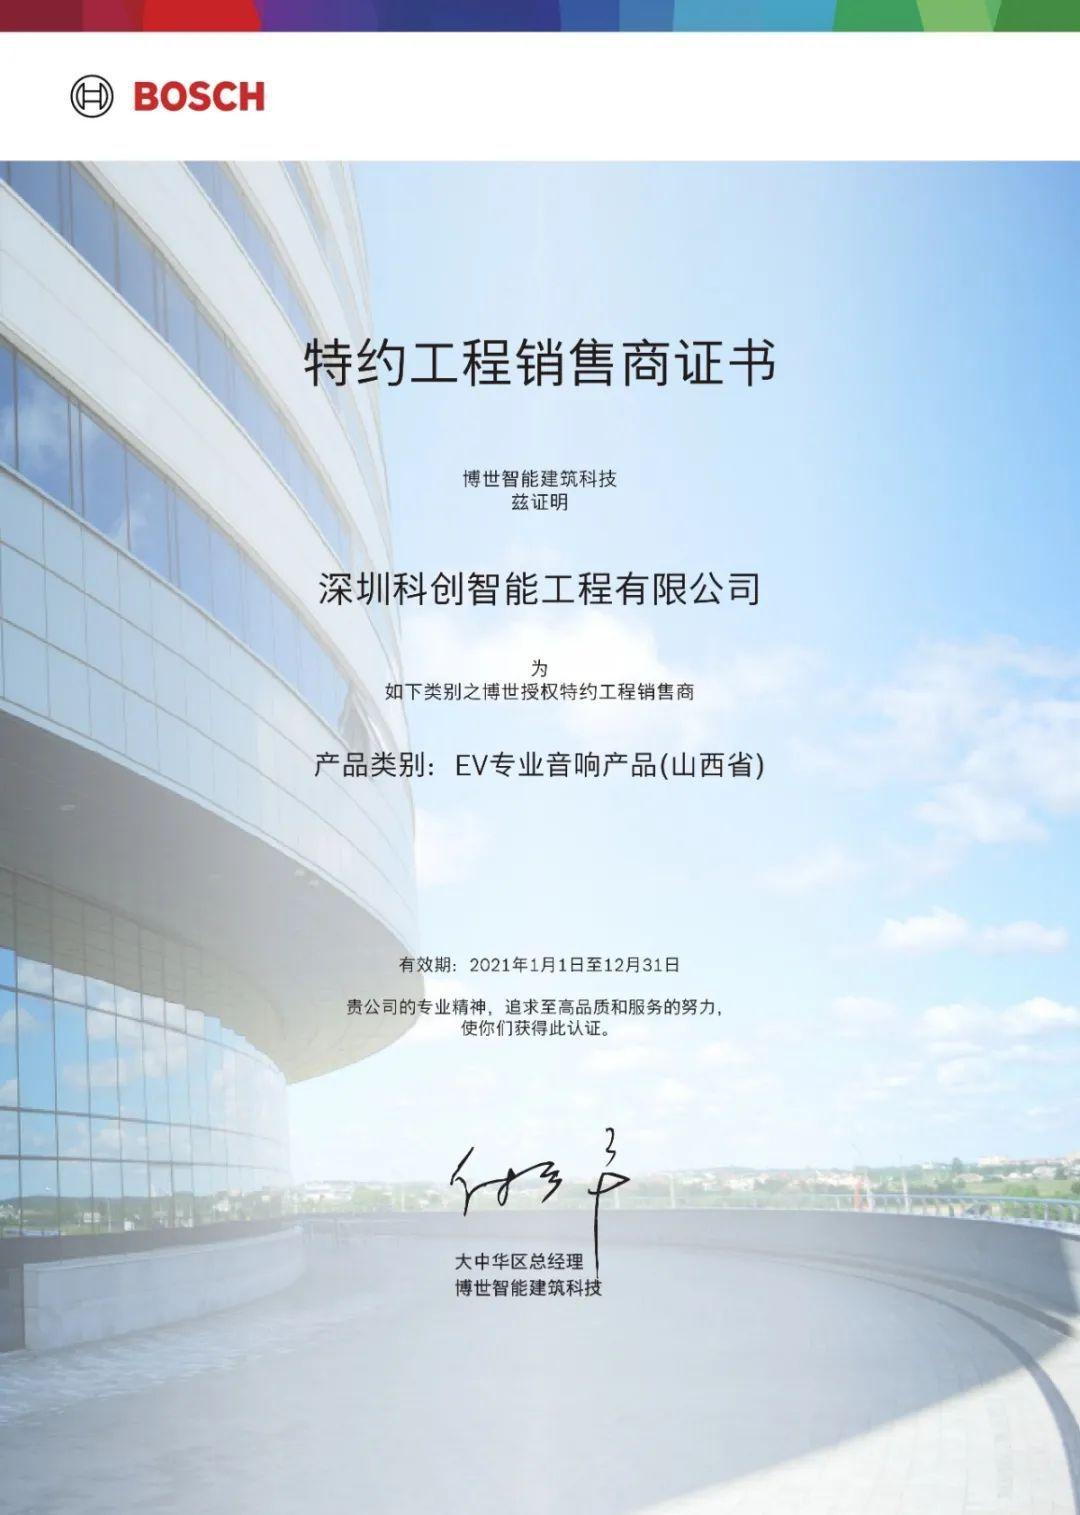 博世建筑智能客户体验中心全面升级,感受来自未来的科技